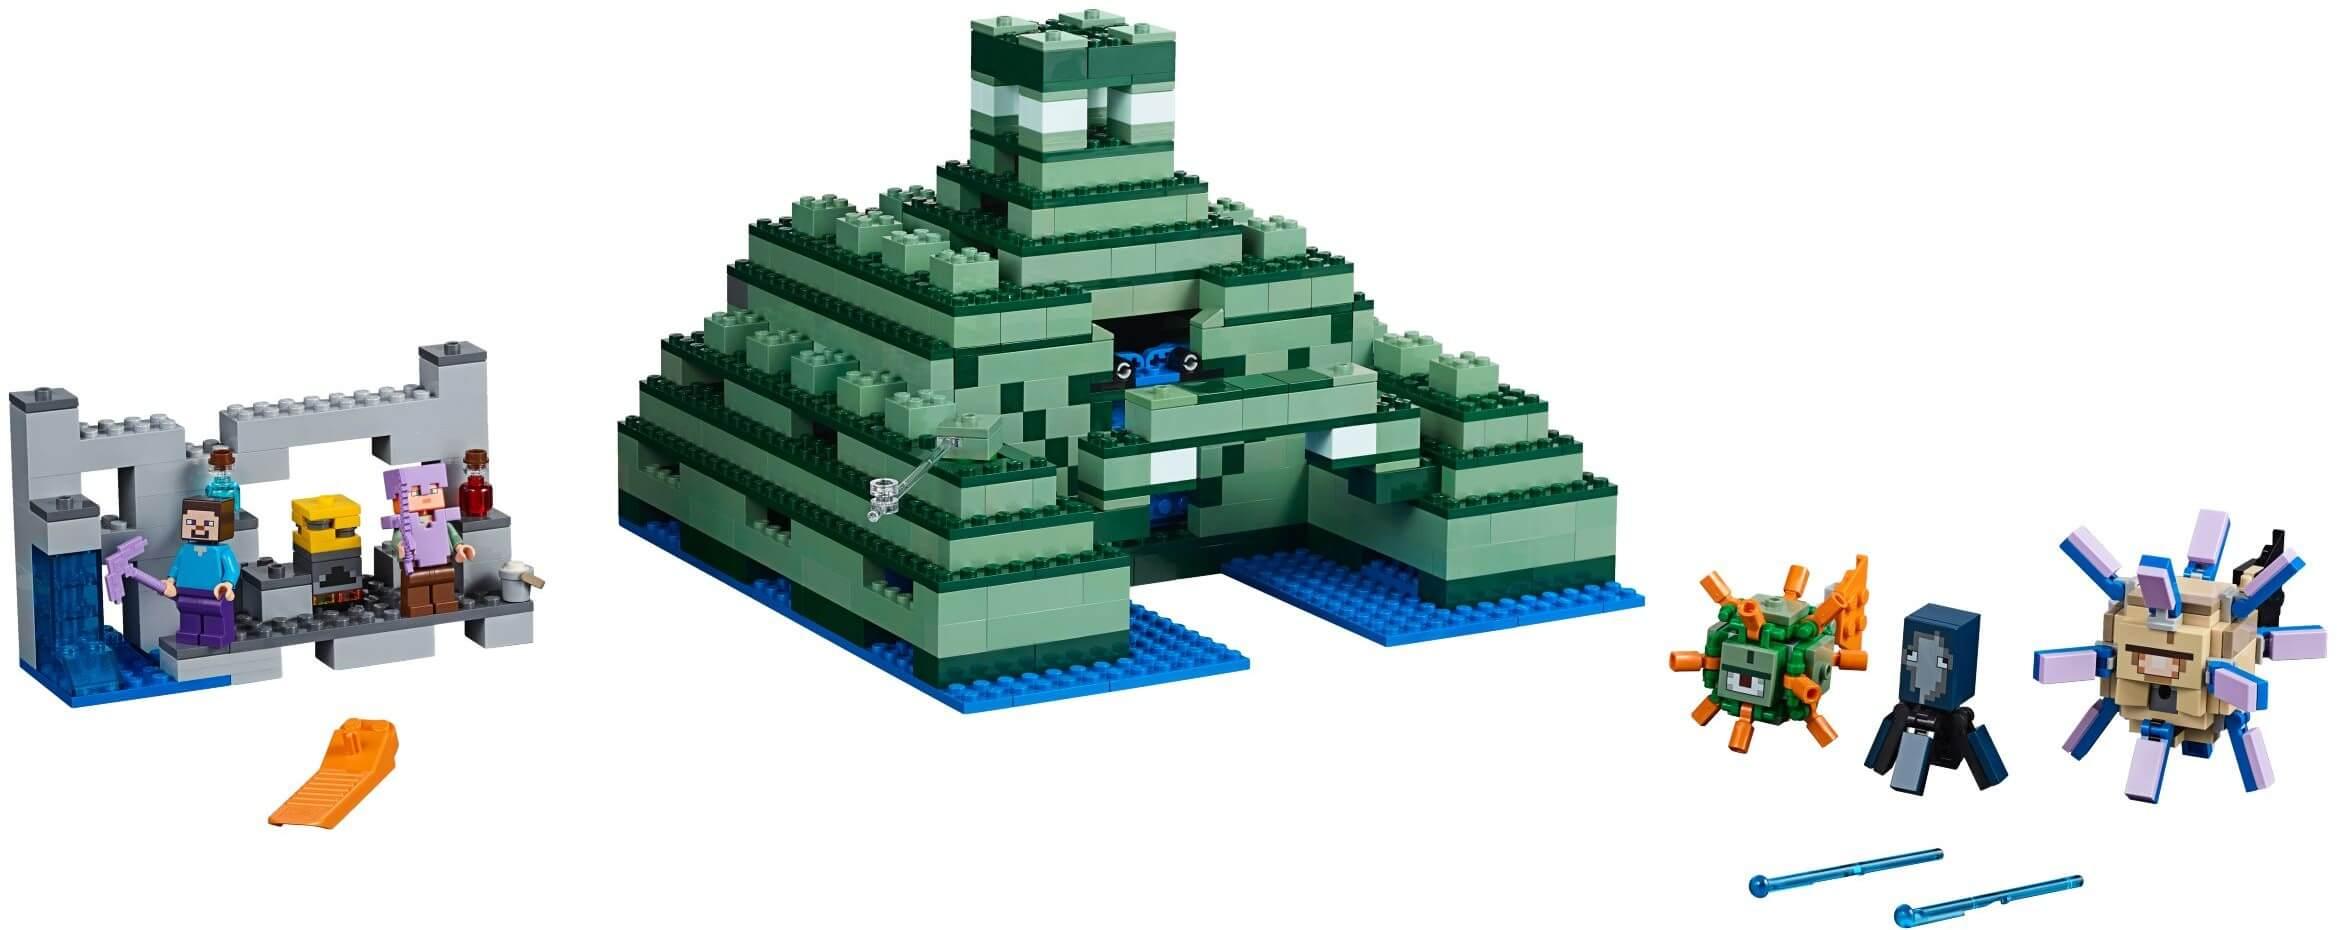 Mua đồ chơi LEGO 21136 - LEGO Minecraft 21136 - Đền Thờ trên Biển (LEGO Minecraft The Ocean Monument)